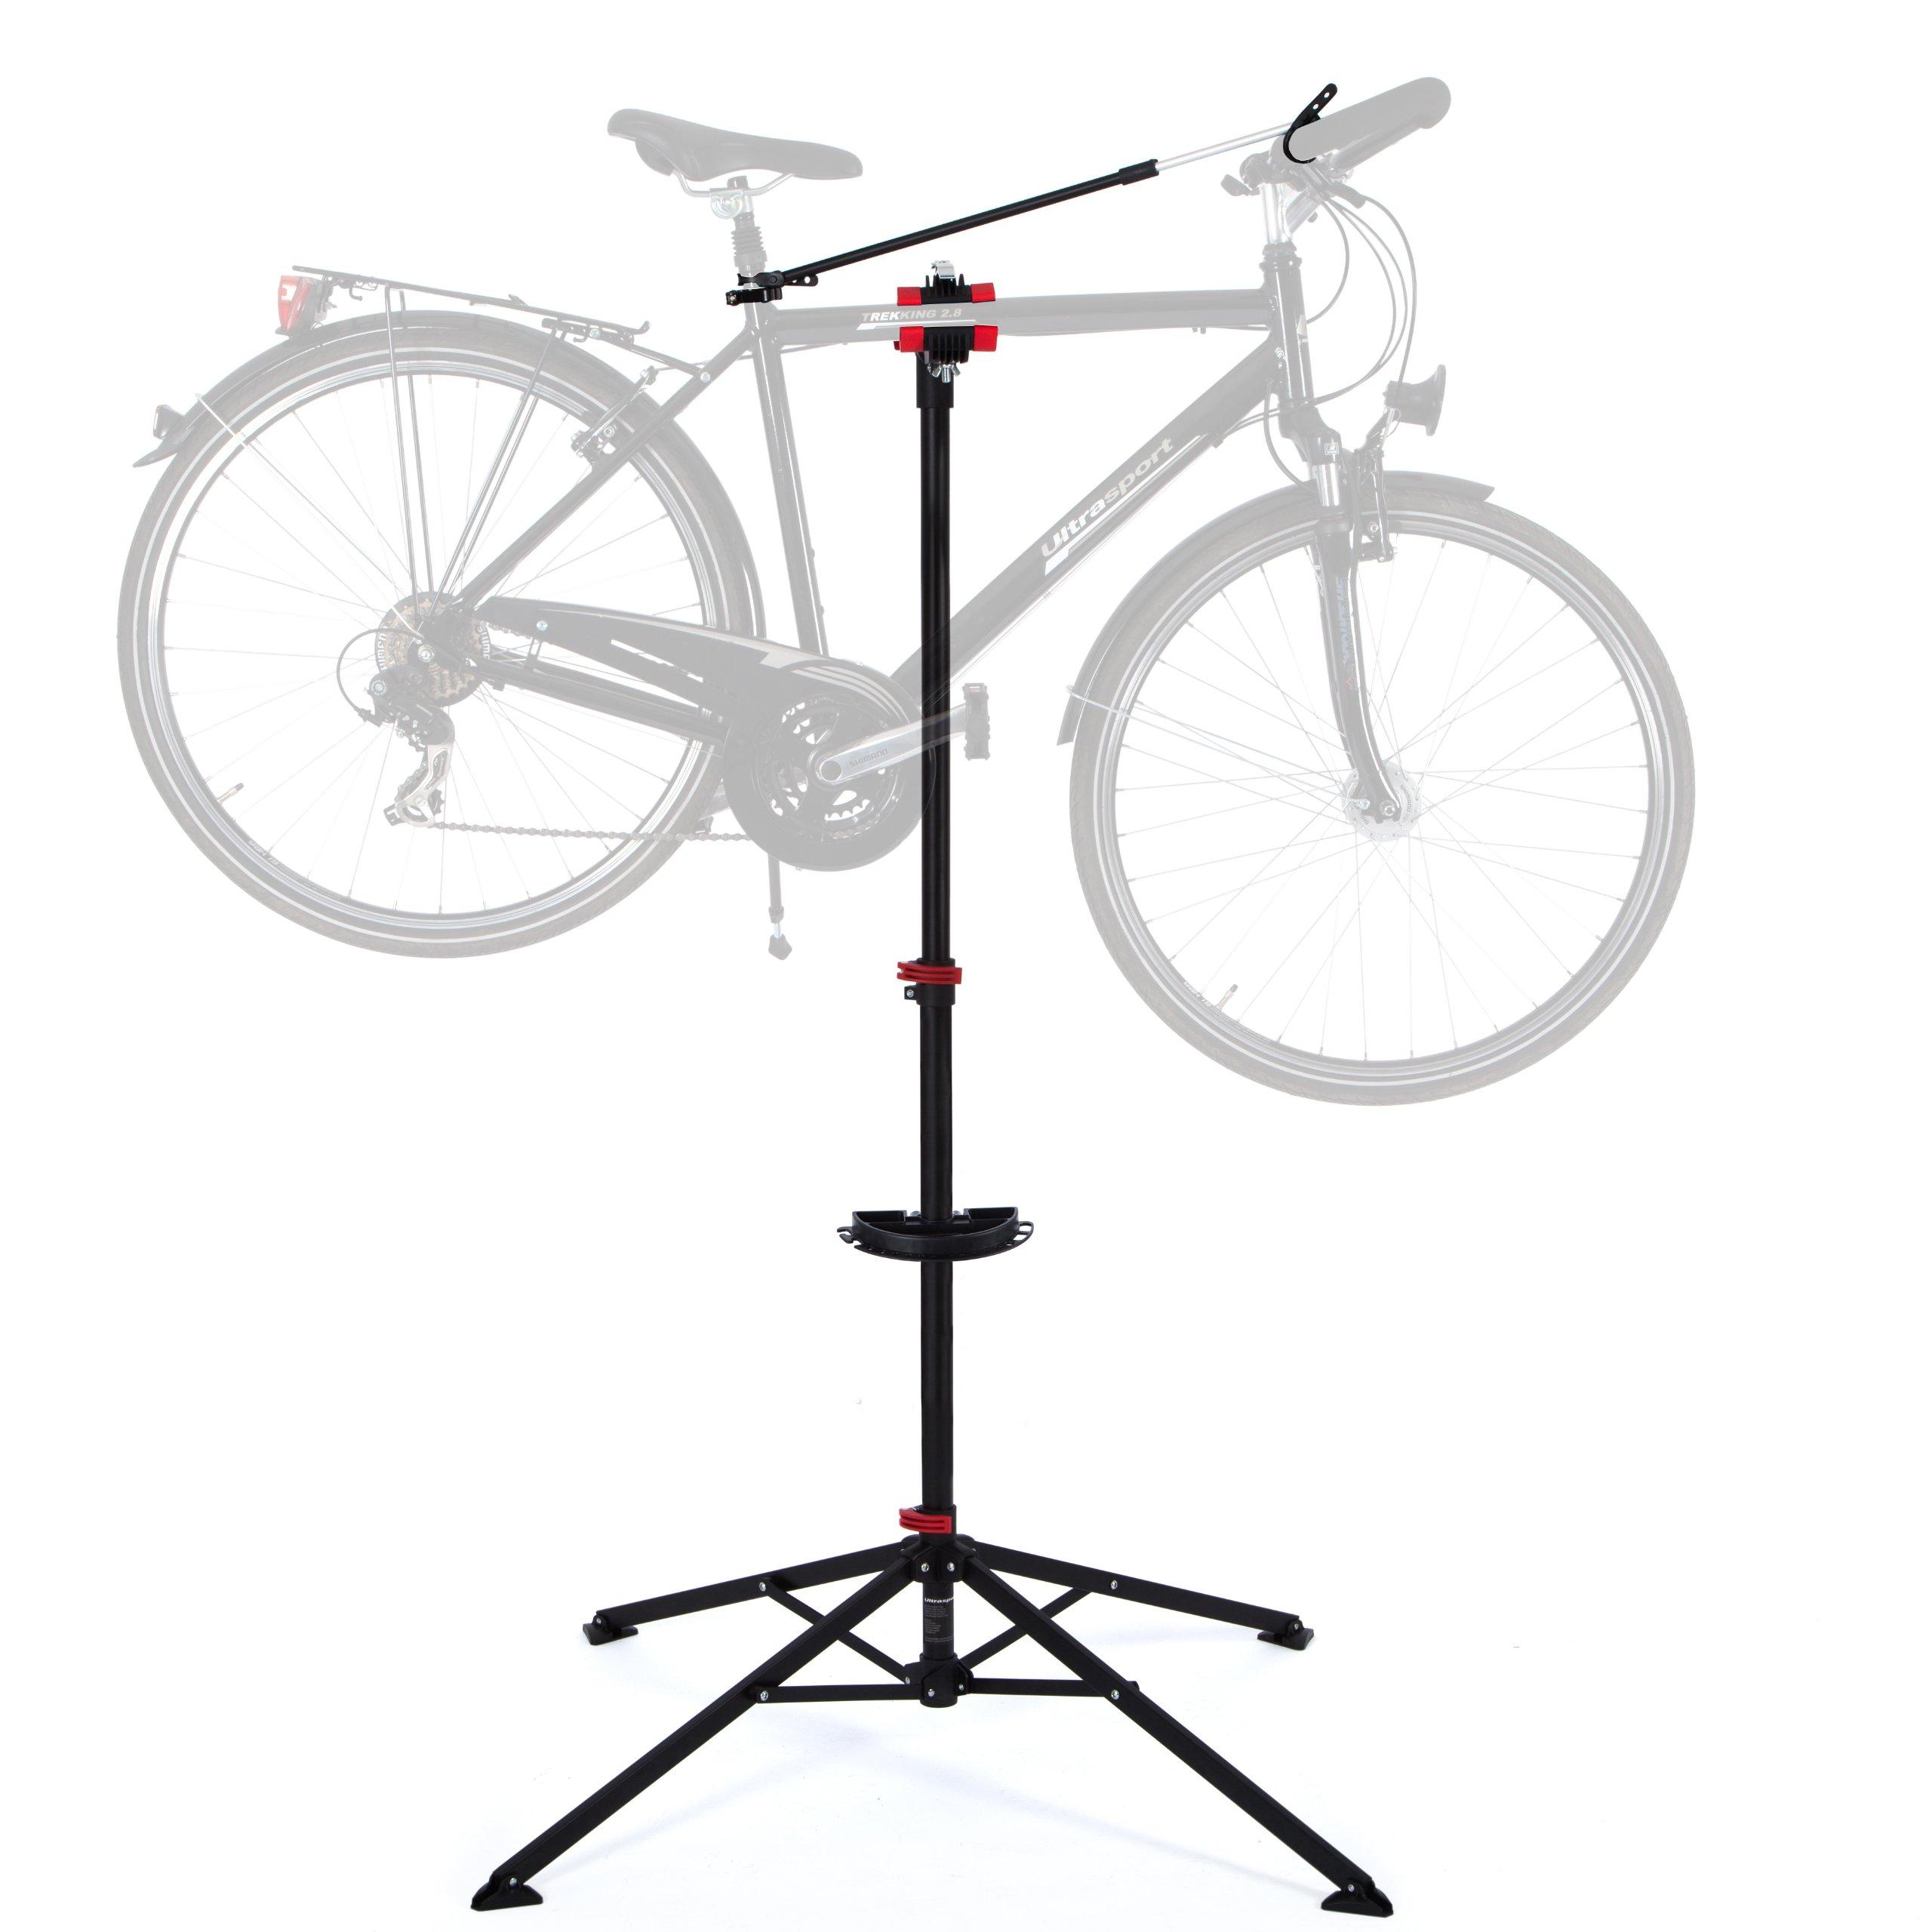 Ultrasport Caballete para bicicleta Expert, robusto caballete para bicicleta, también para bicicletas de montaña